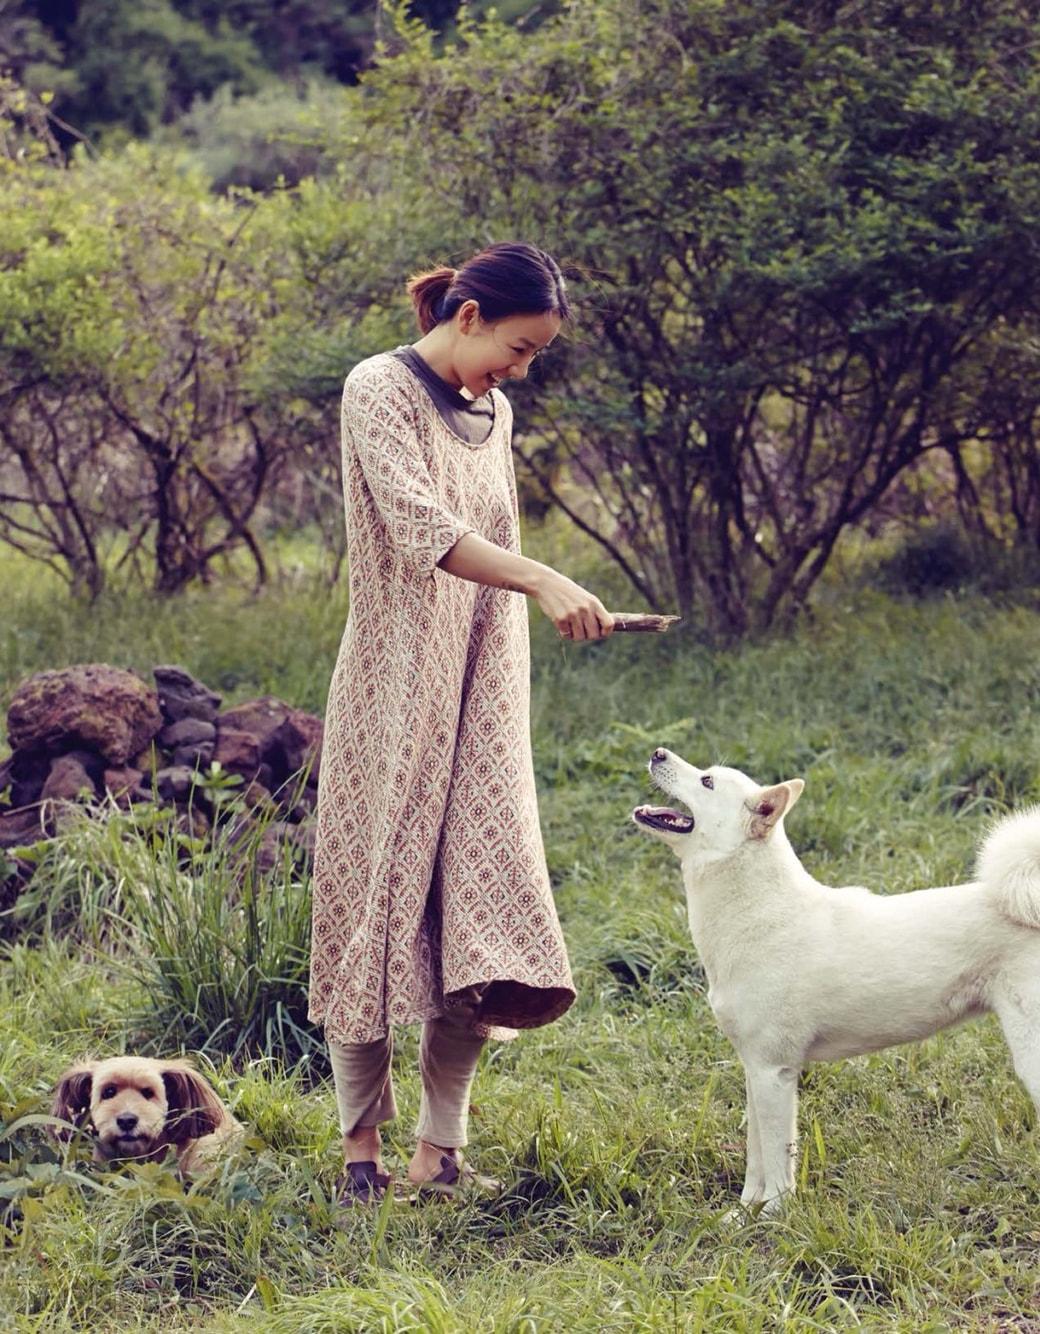 Lee Hyori tuổi 40: 'Con phượng hoàng' kiêu hãnh đã được tình yêu thuần hóa -9